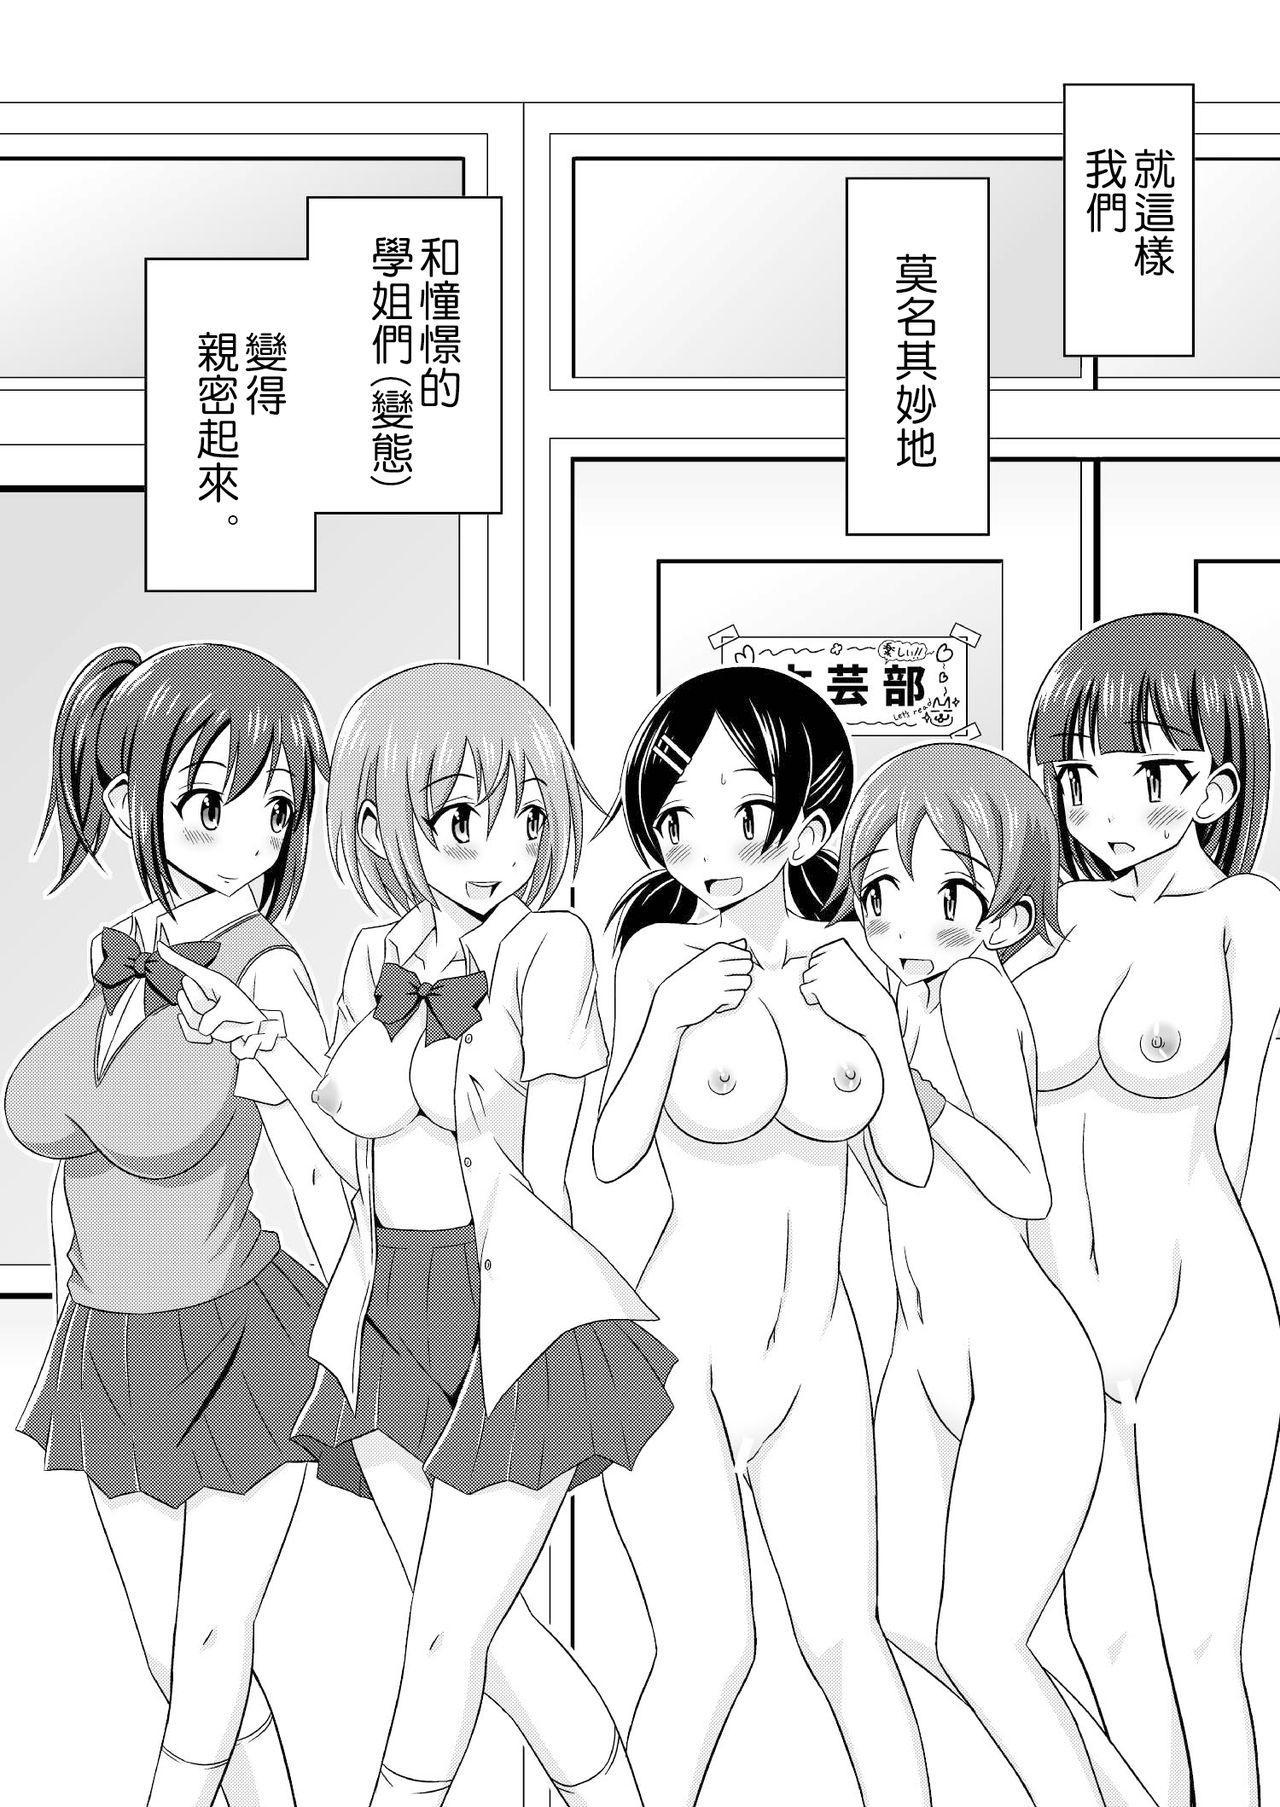 Hentai Roshutsu Kashimashi 31